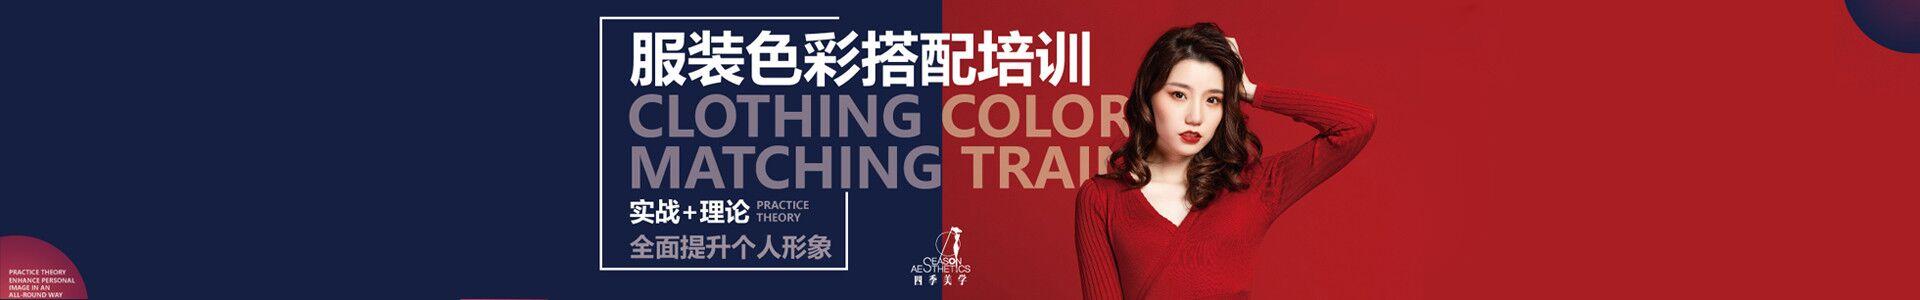 广州四季美学形象管理服装搭配培训学校